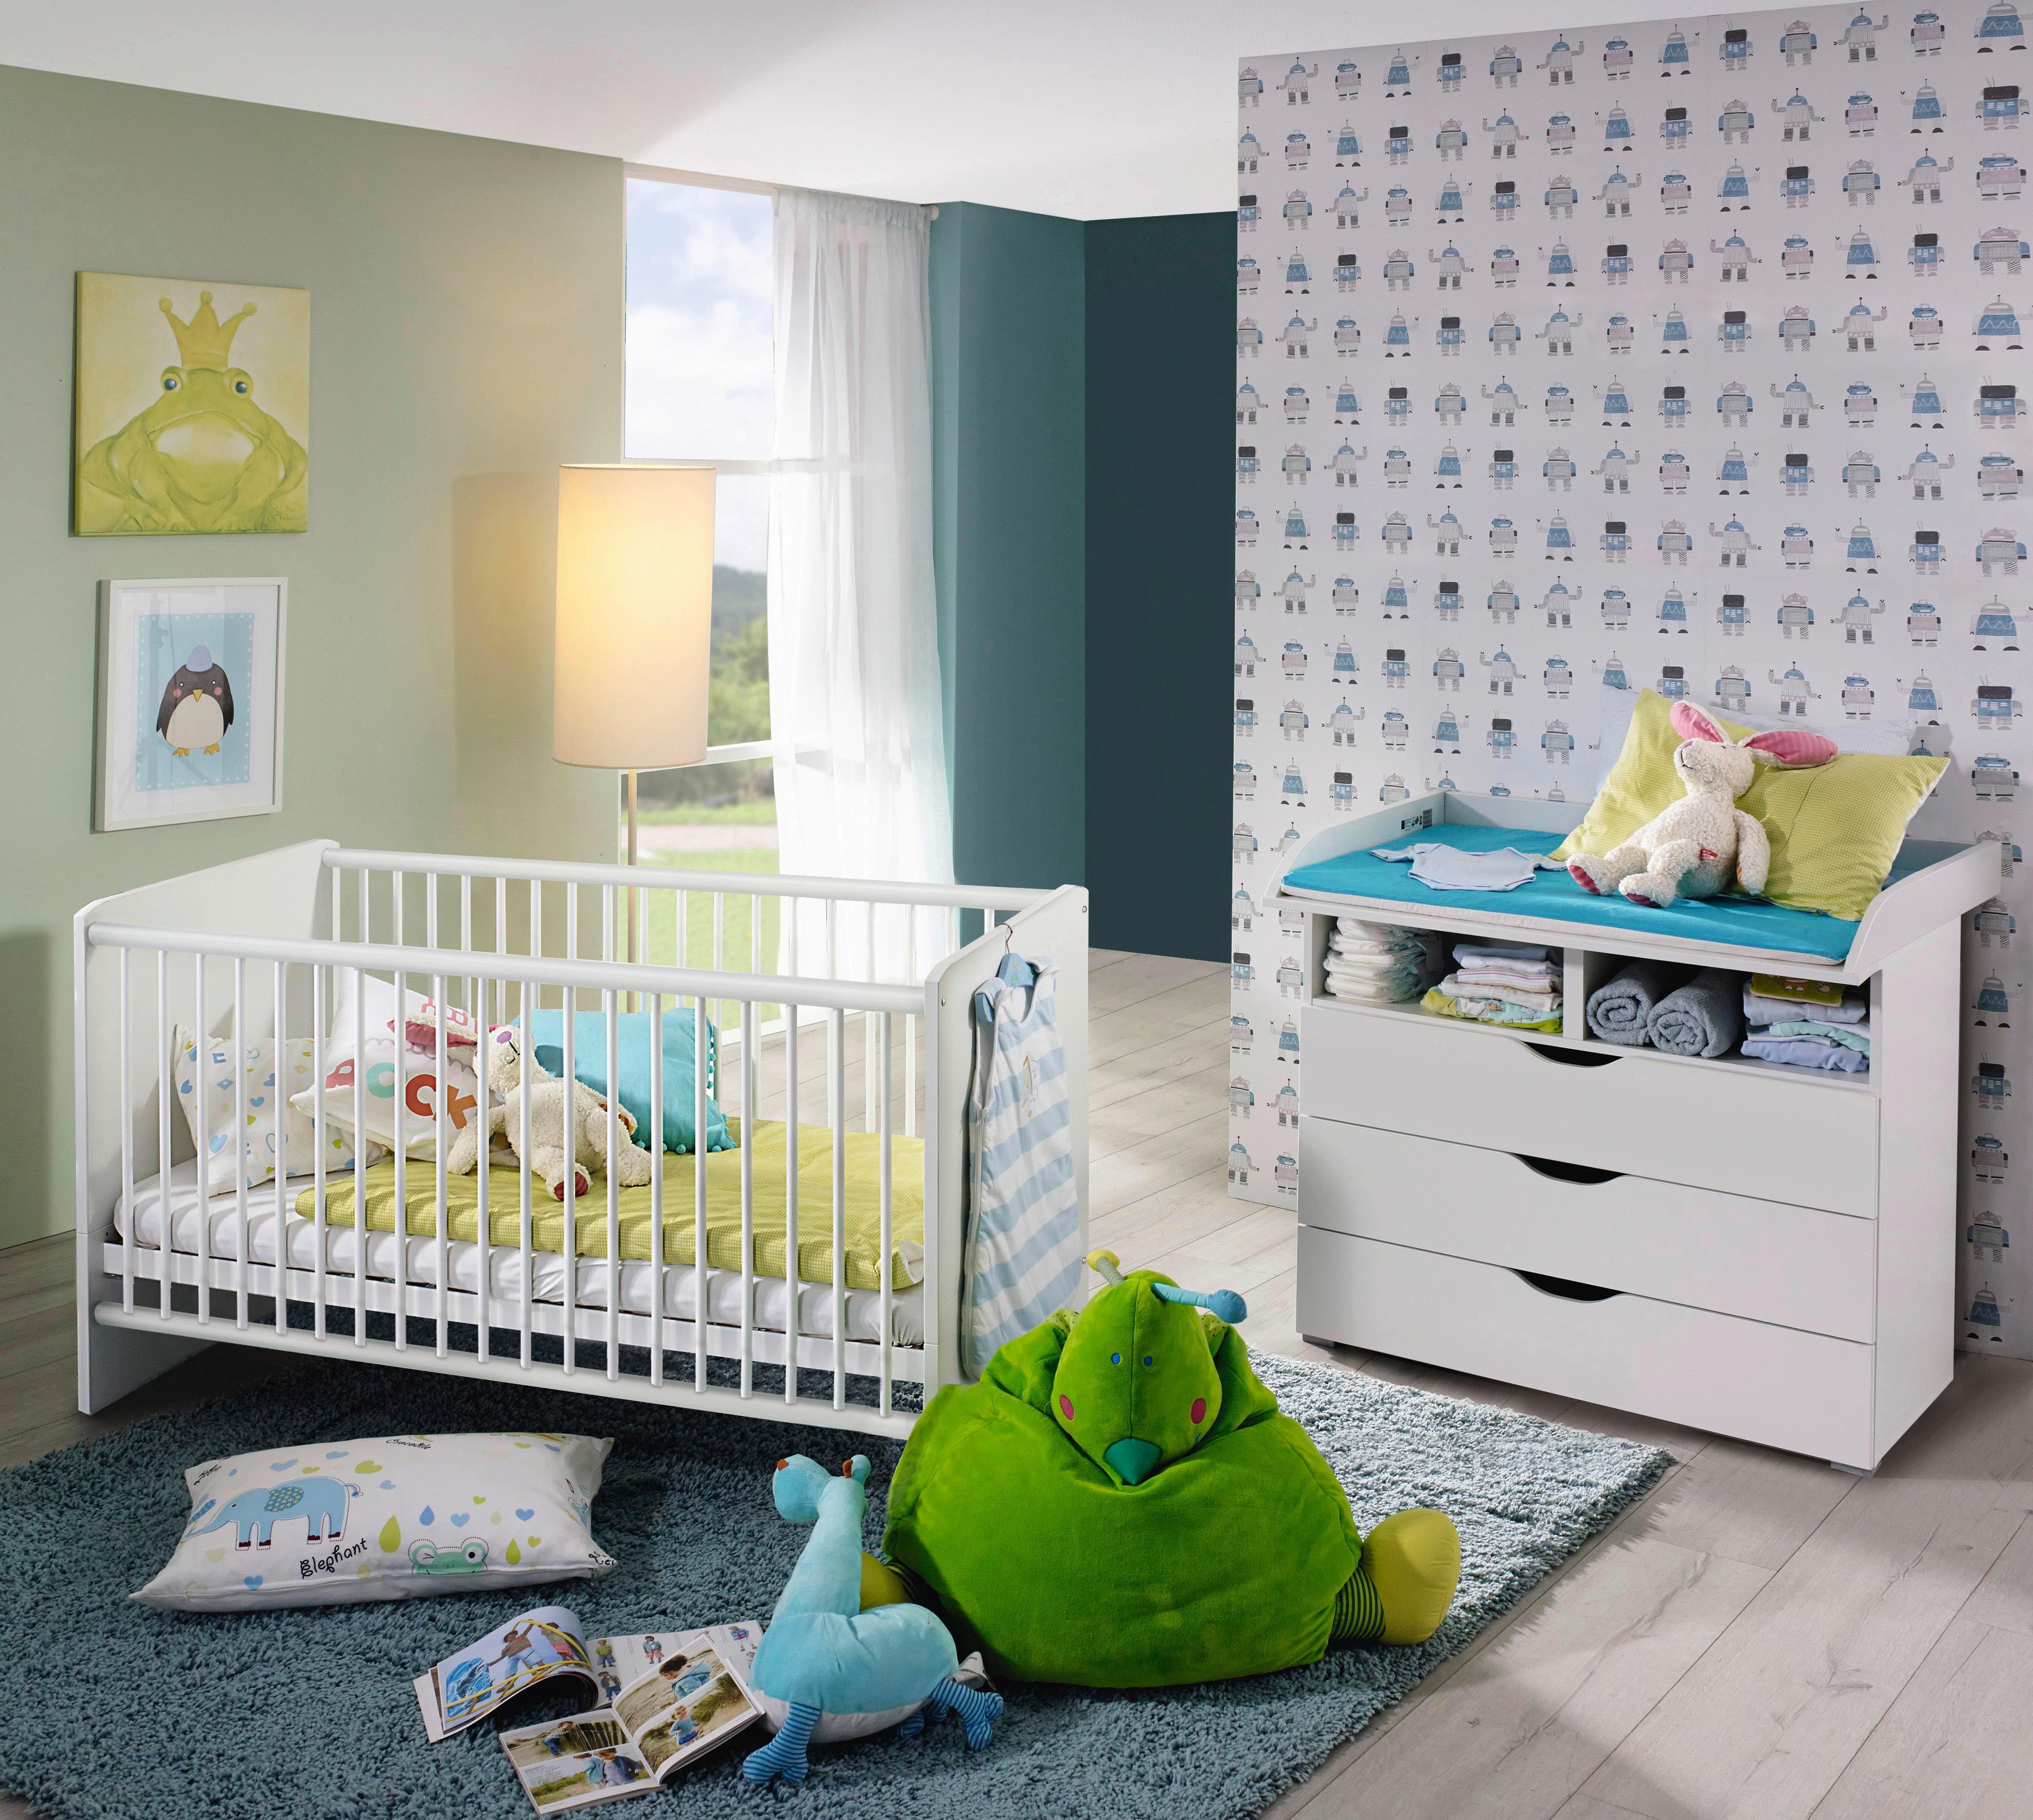 Babyzimmer Spar-Set »Bristol« Babybett + Wickelkommode, (2-tlg.) | Kinderzimmer > Babymöbel > Komplett-Babyzimmer | Weiß